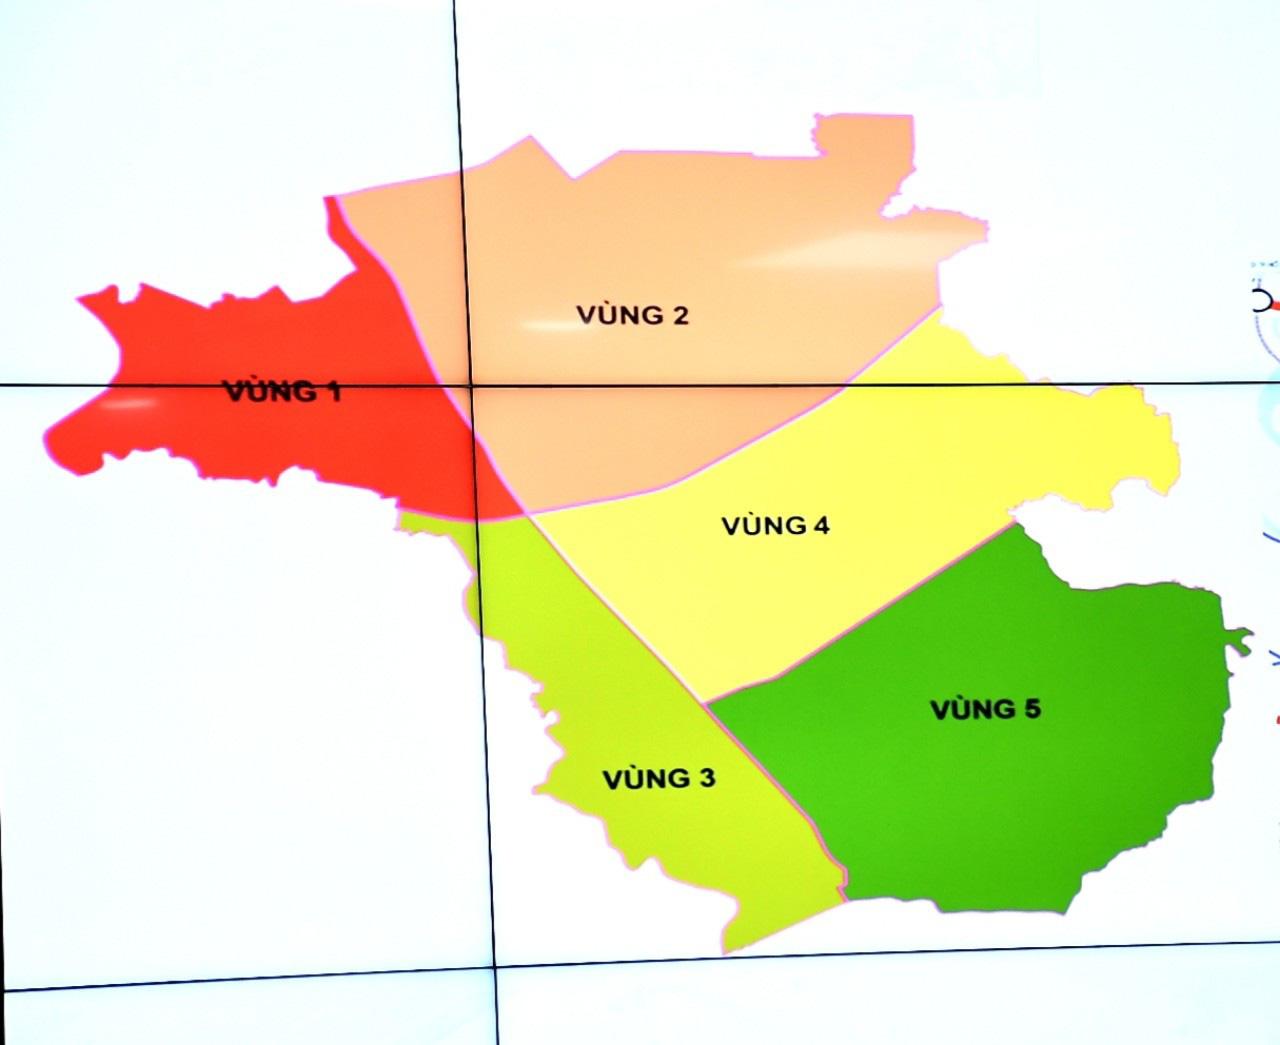 Long Thành được qui hoạch thành 5 phân vùng, phát triển thành vùng kinh tế động lực của Đồng Nai trong tương lai - Ảnh 1.